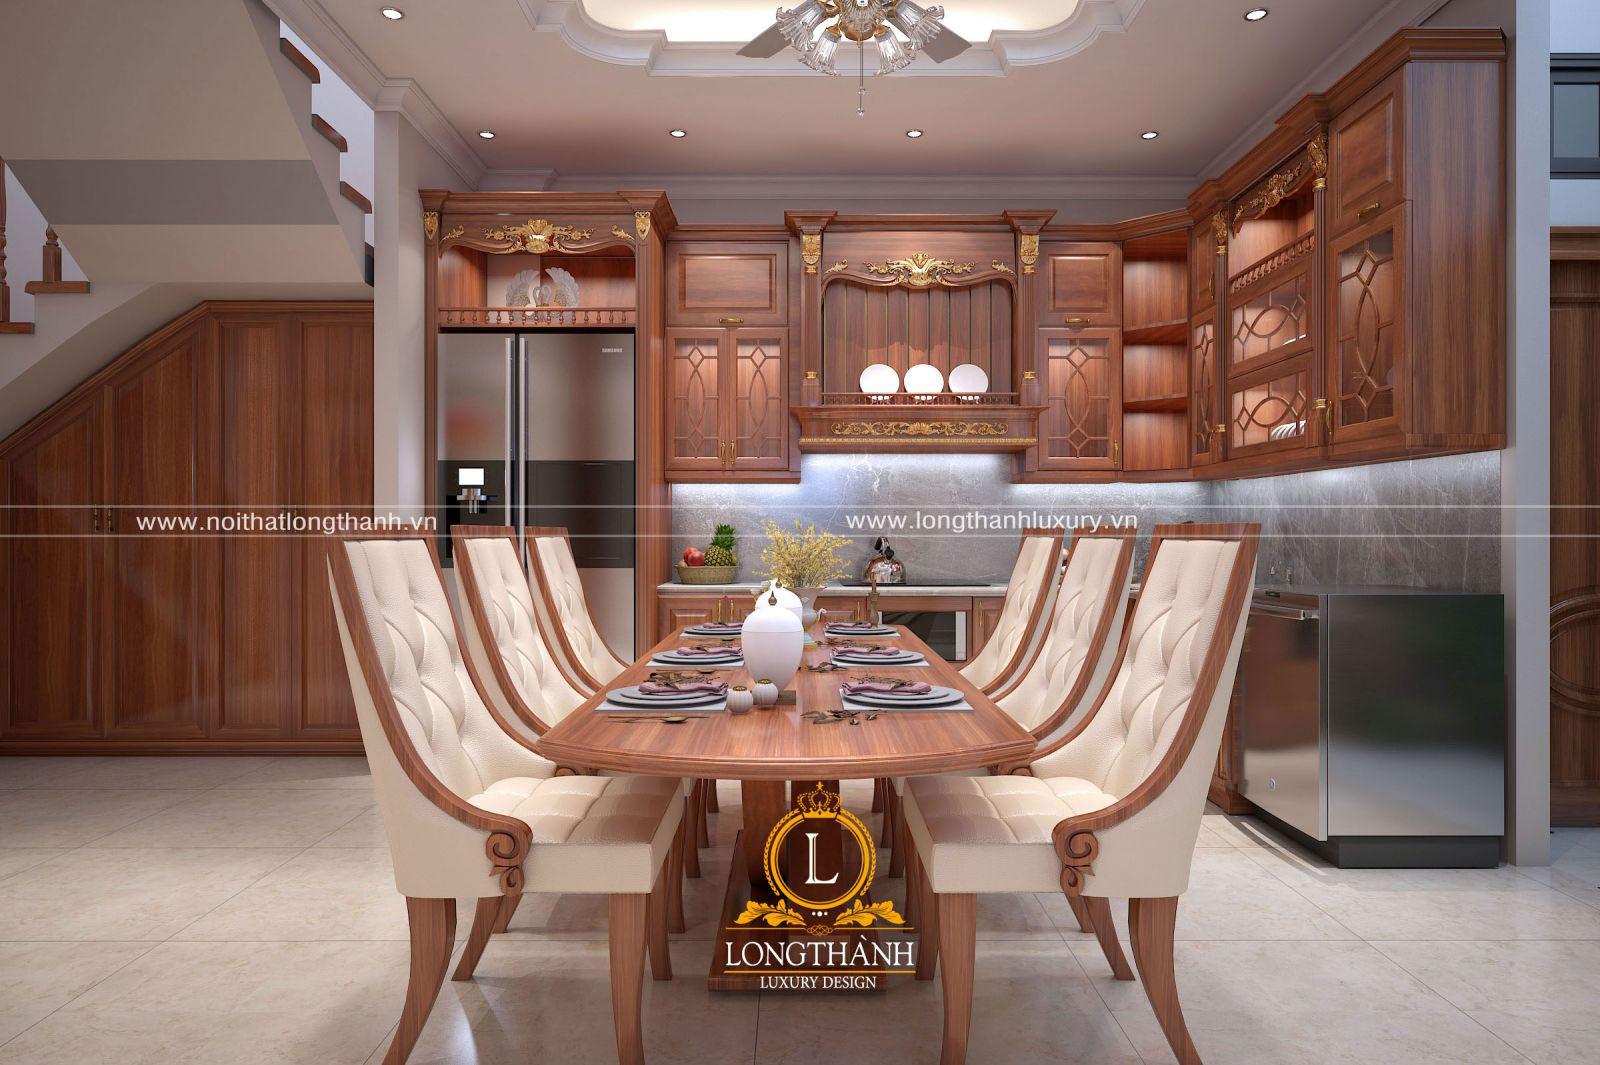 Hệ bàn ăn và tủ bếp hòa hòa với nhau tạo cảm giác cân đối và tiện lợi